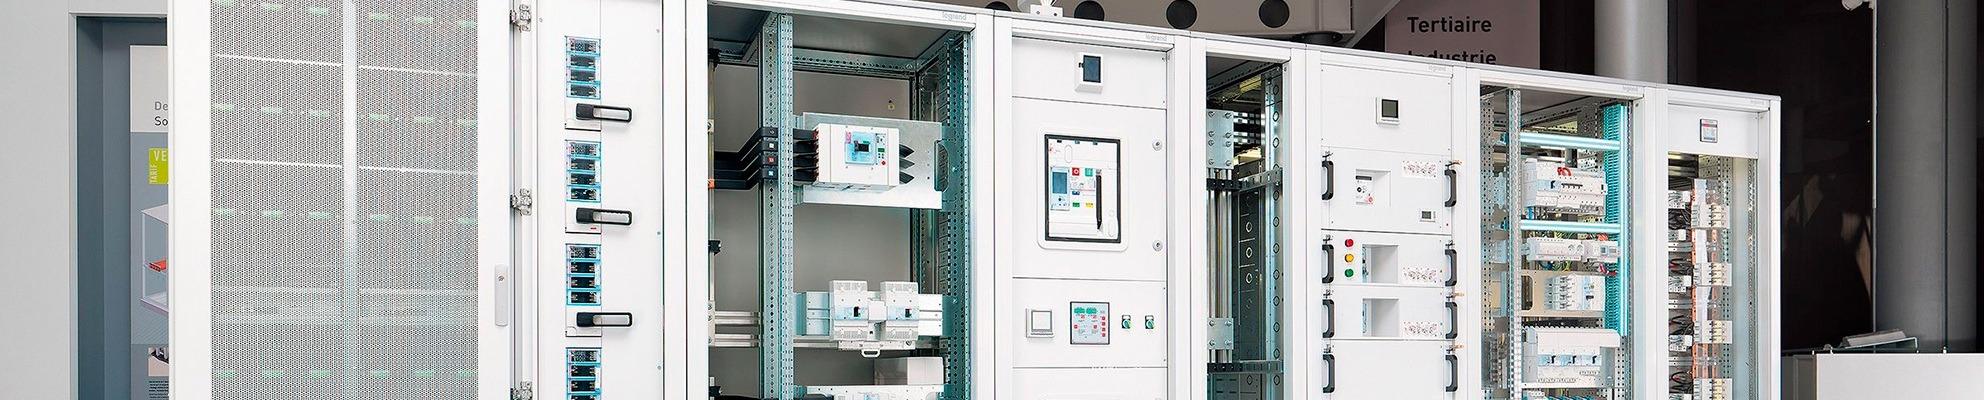 Обслуживание системы электроснабжения жилых и общественных зданий